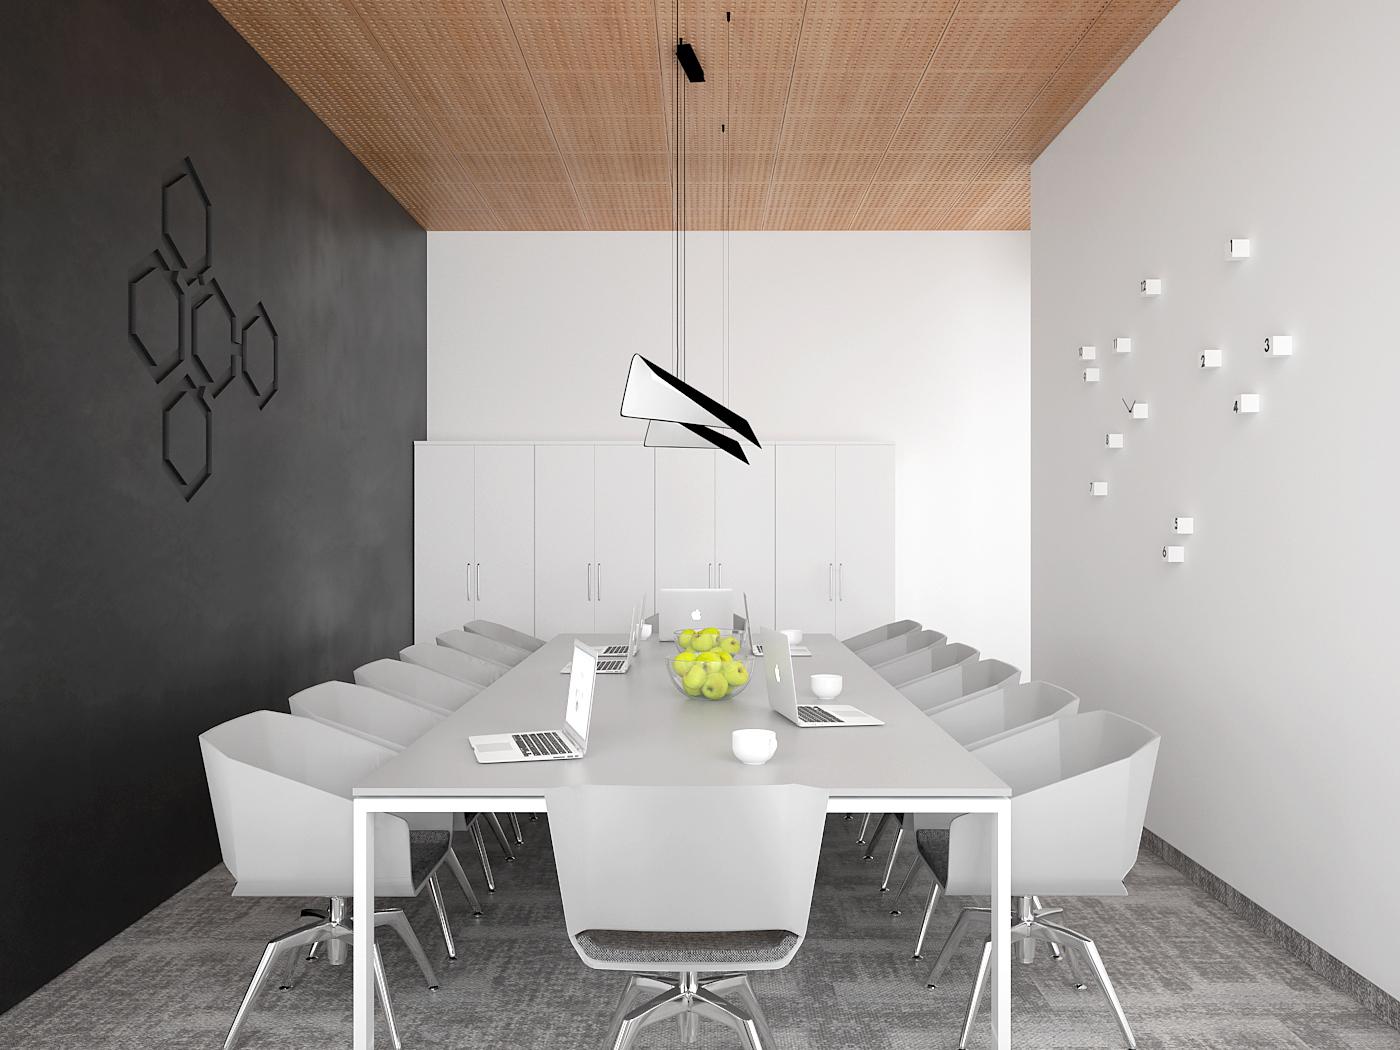 2 aranzacja biura 485 biuro krakow sala konferencyjna duzy bialy stol konferencyjny szare krzesla czarna sciana z logo 3d azurowy wygluszajacy panel sufitowy